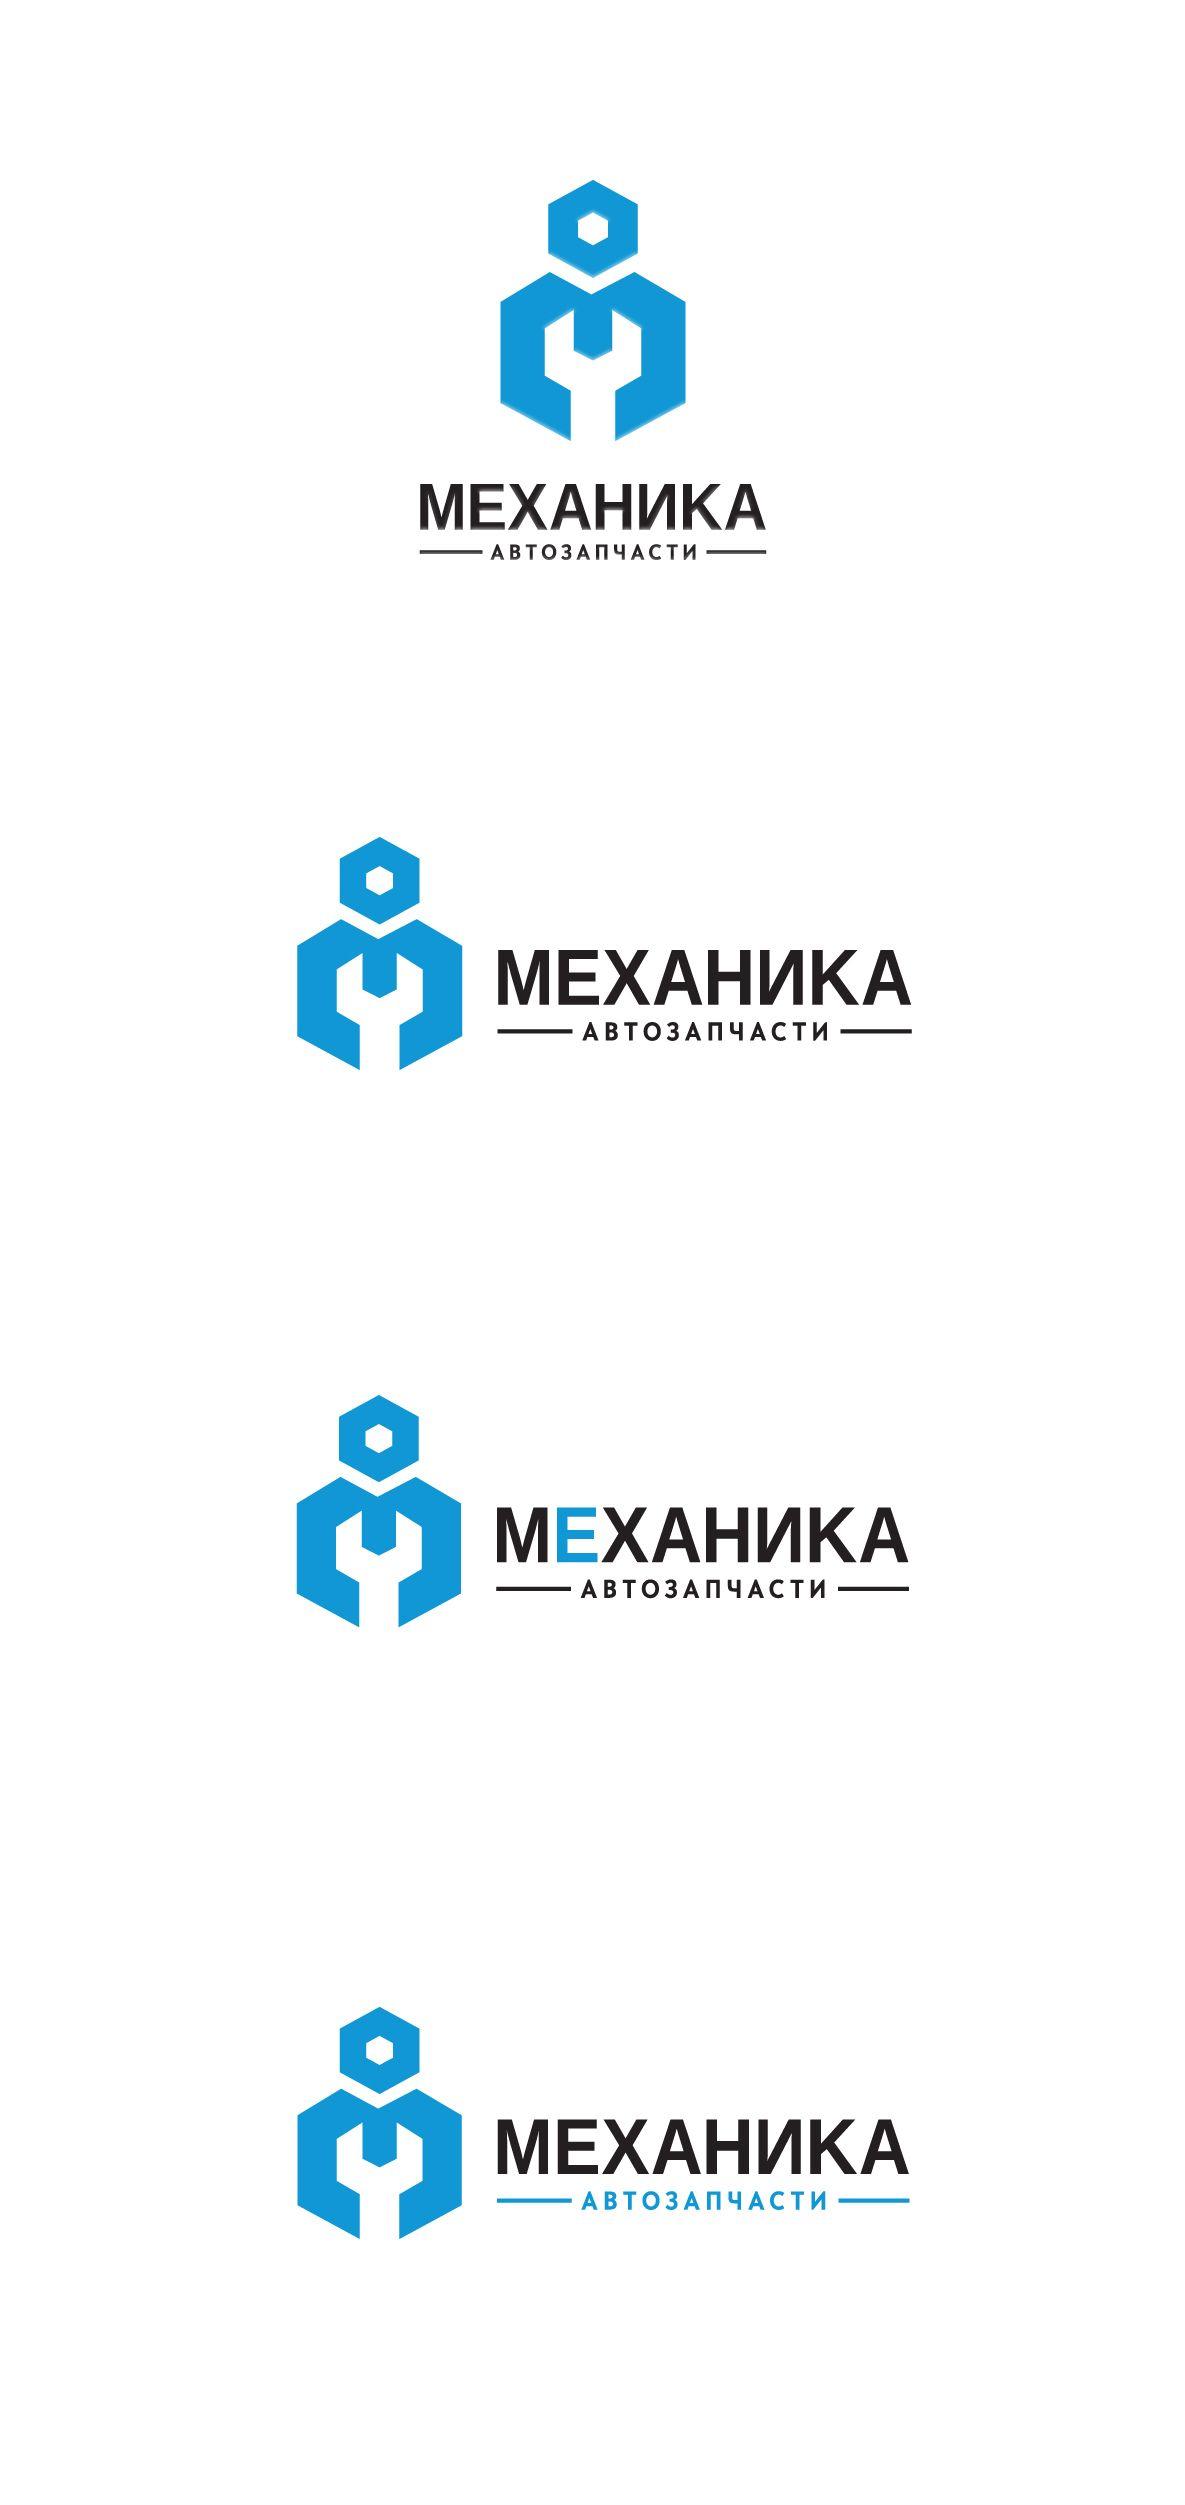 Логотип для магазина автозапчасти 'Механика' - дизайнер shamaevserg